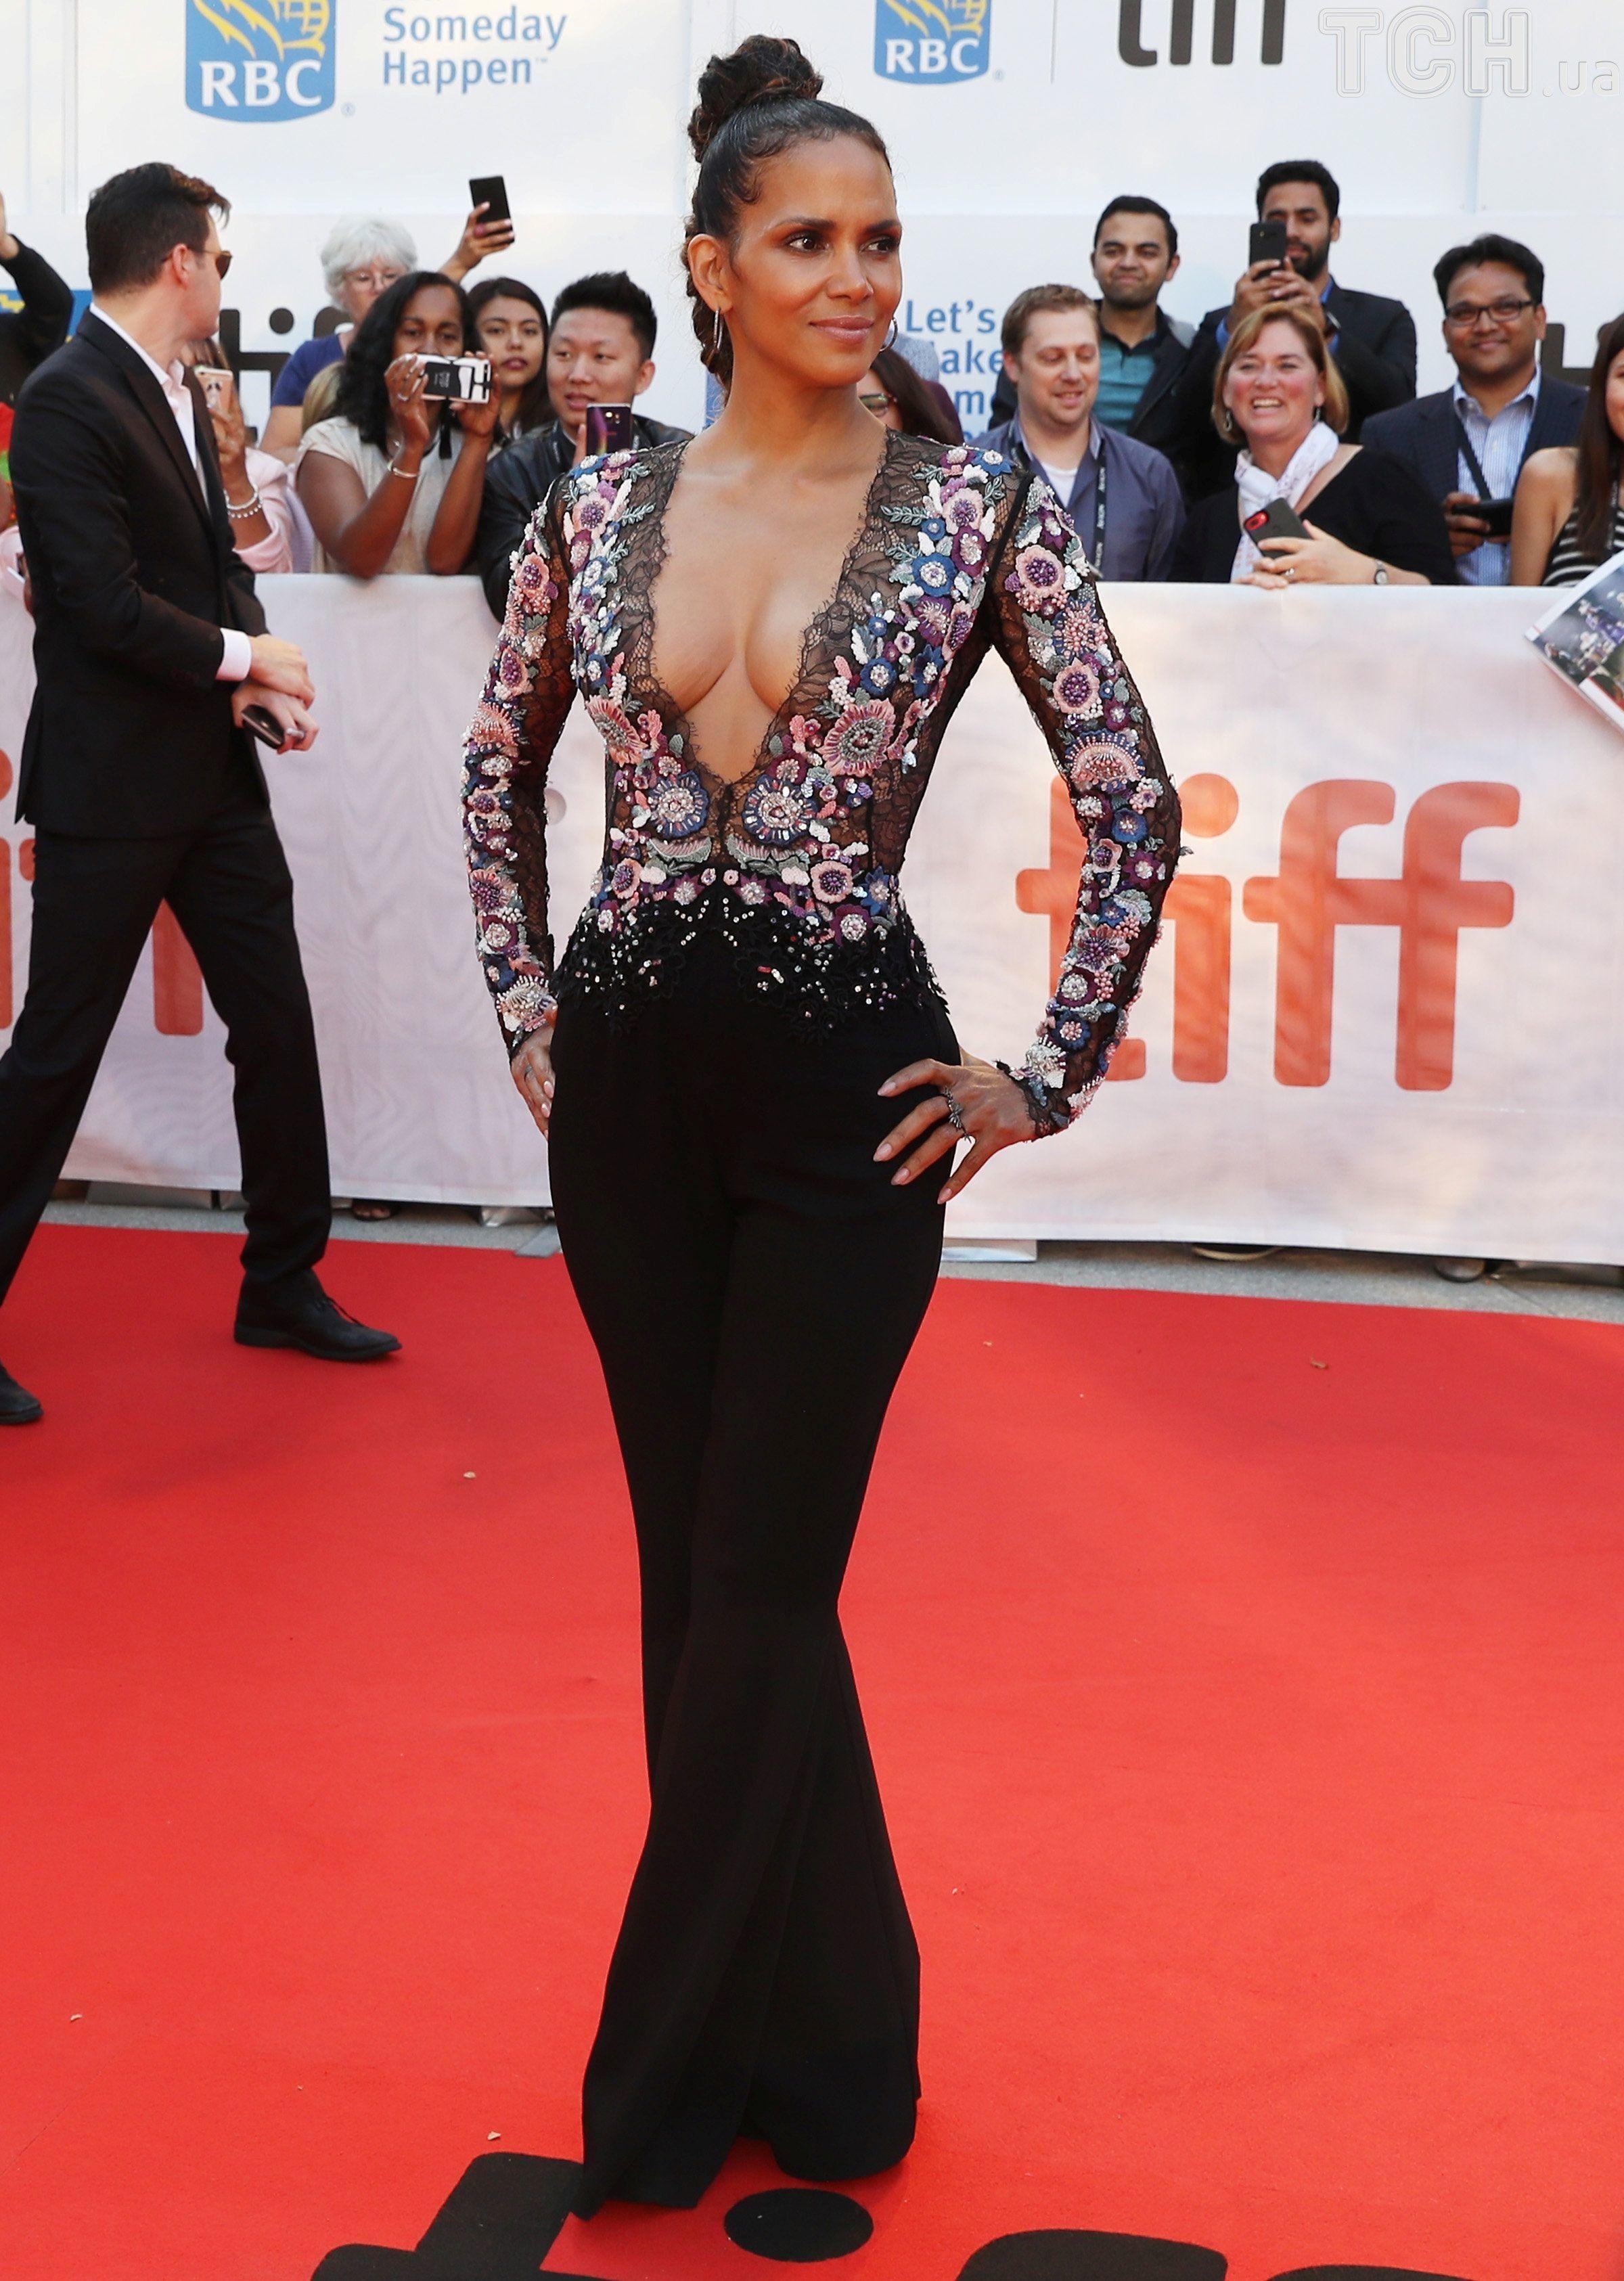 Геллі Беррі на кінофестивалі в Торонто_2